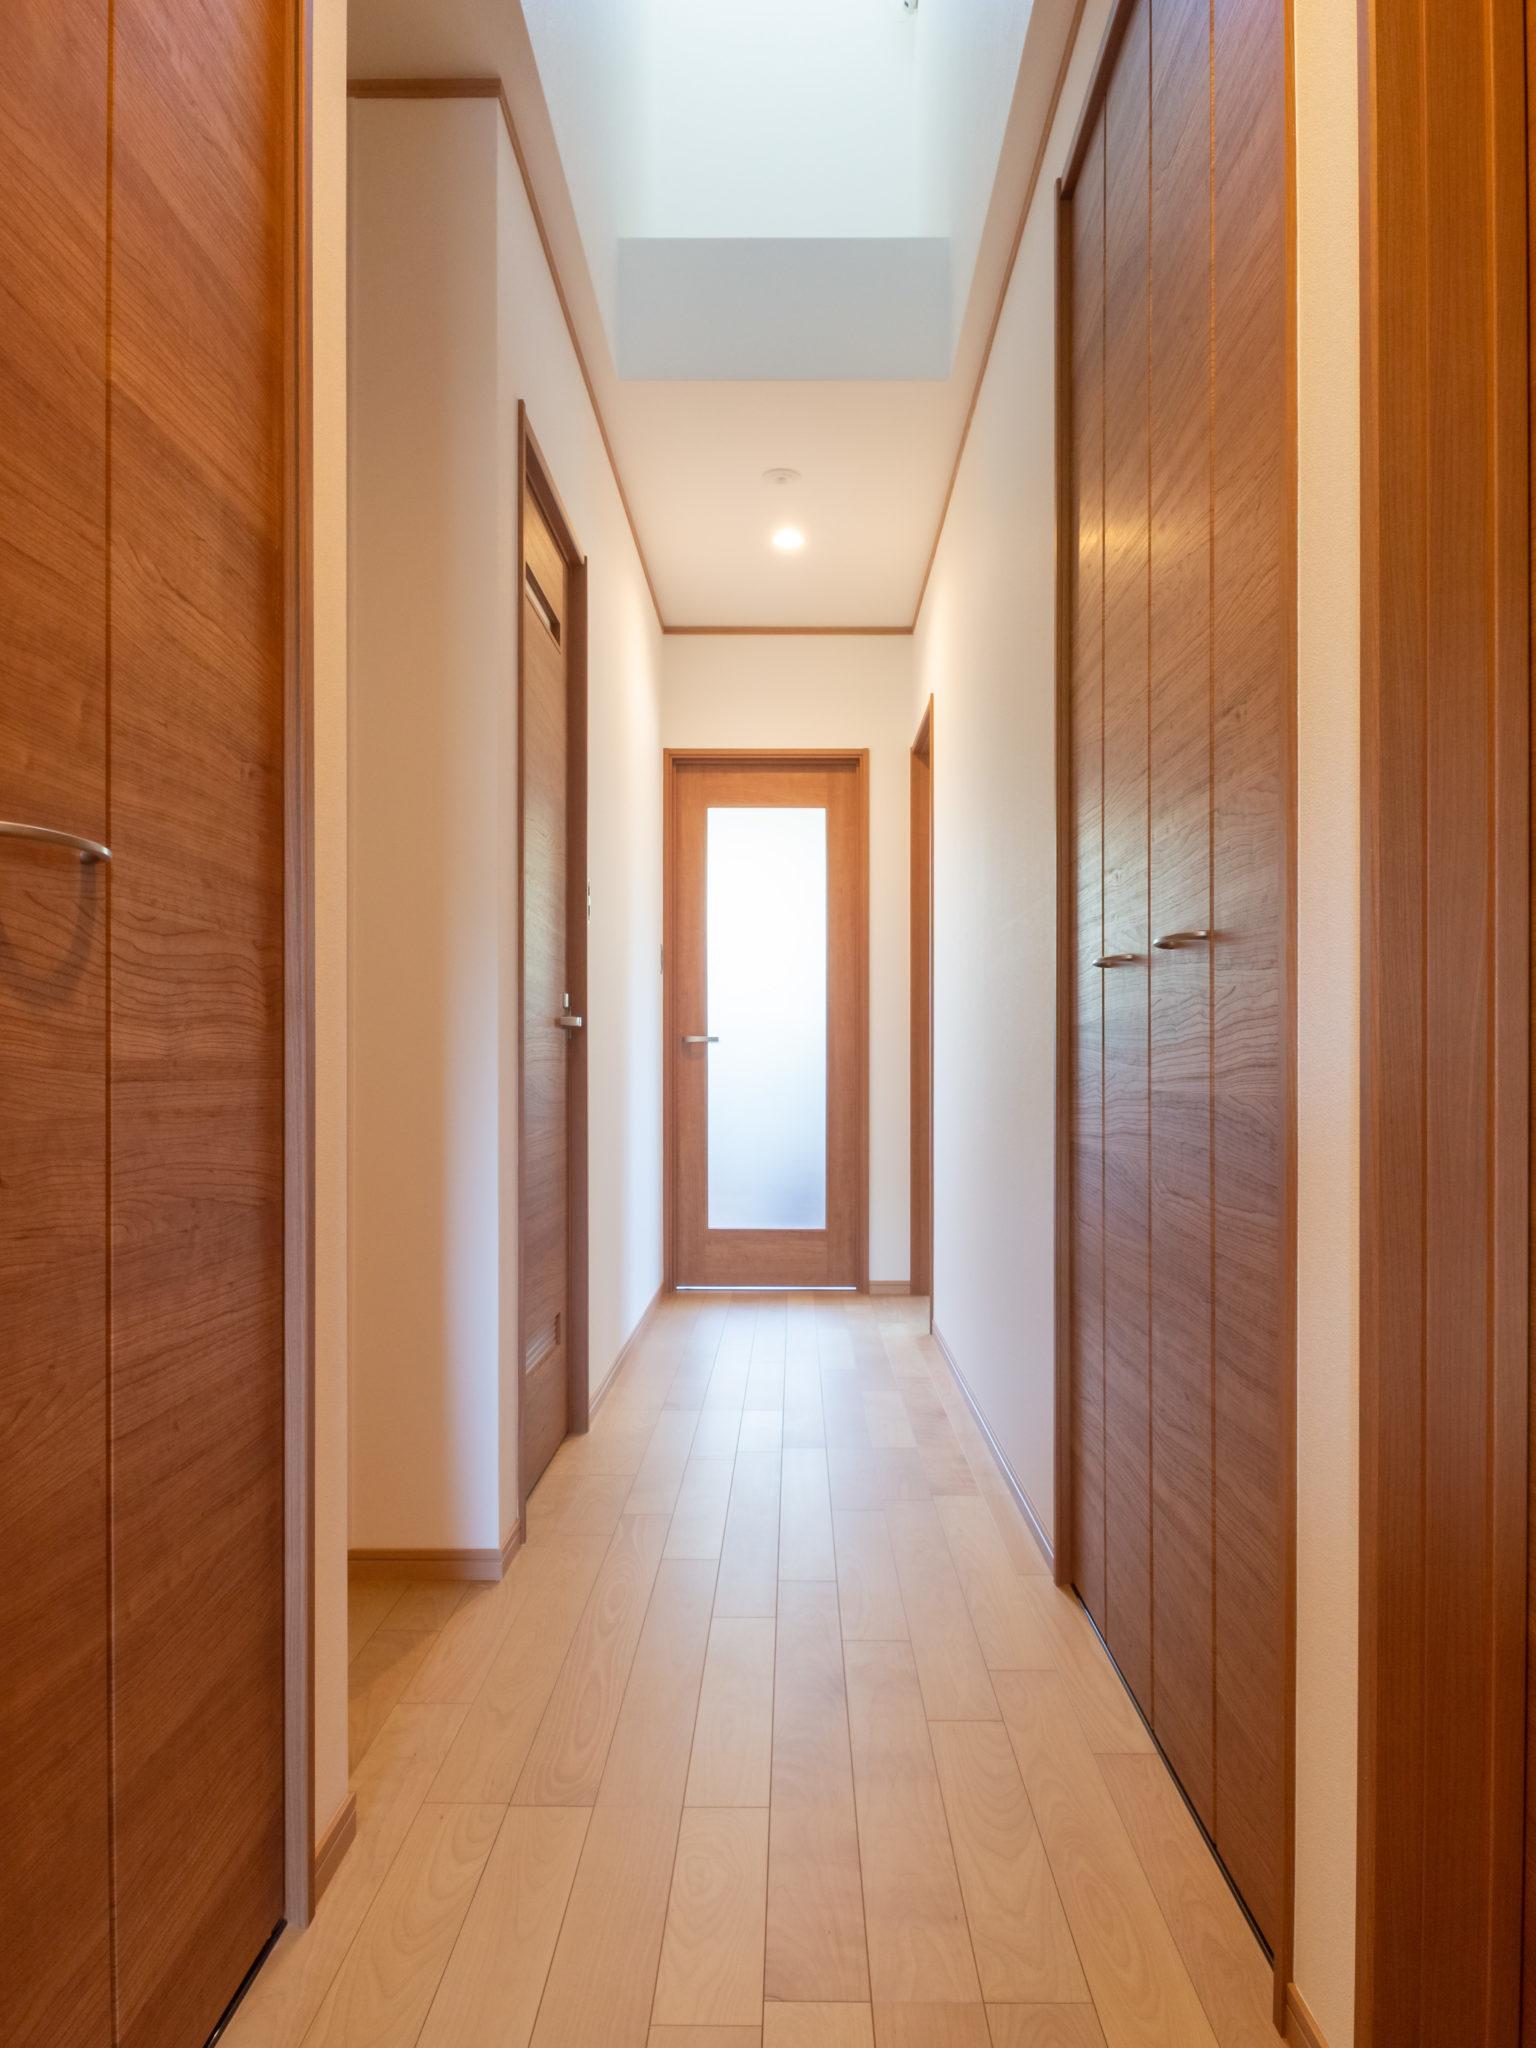 天窓から光を取り込んだ玄関と廊下